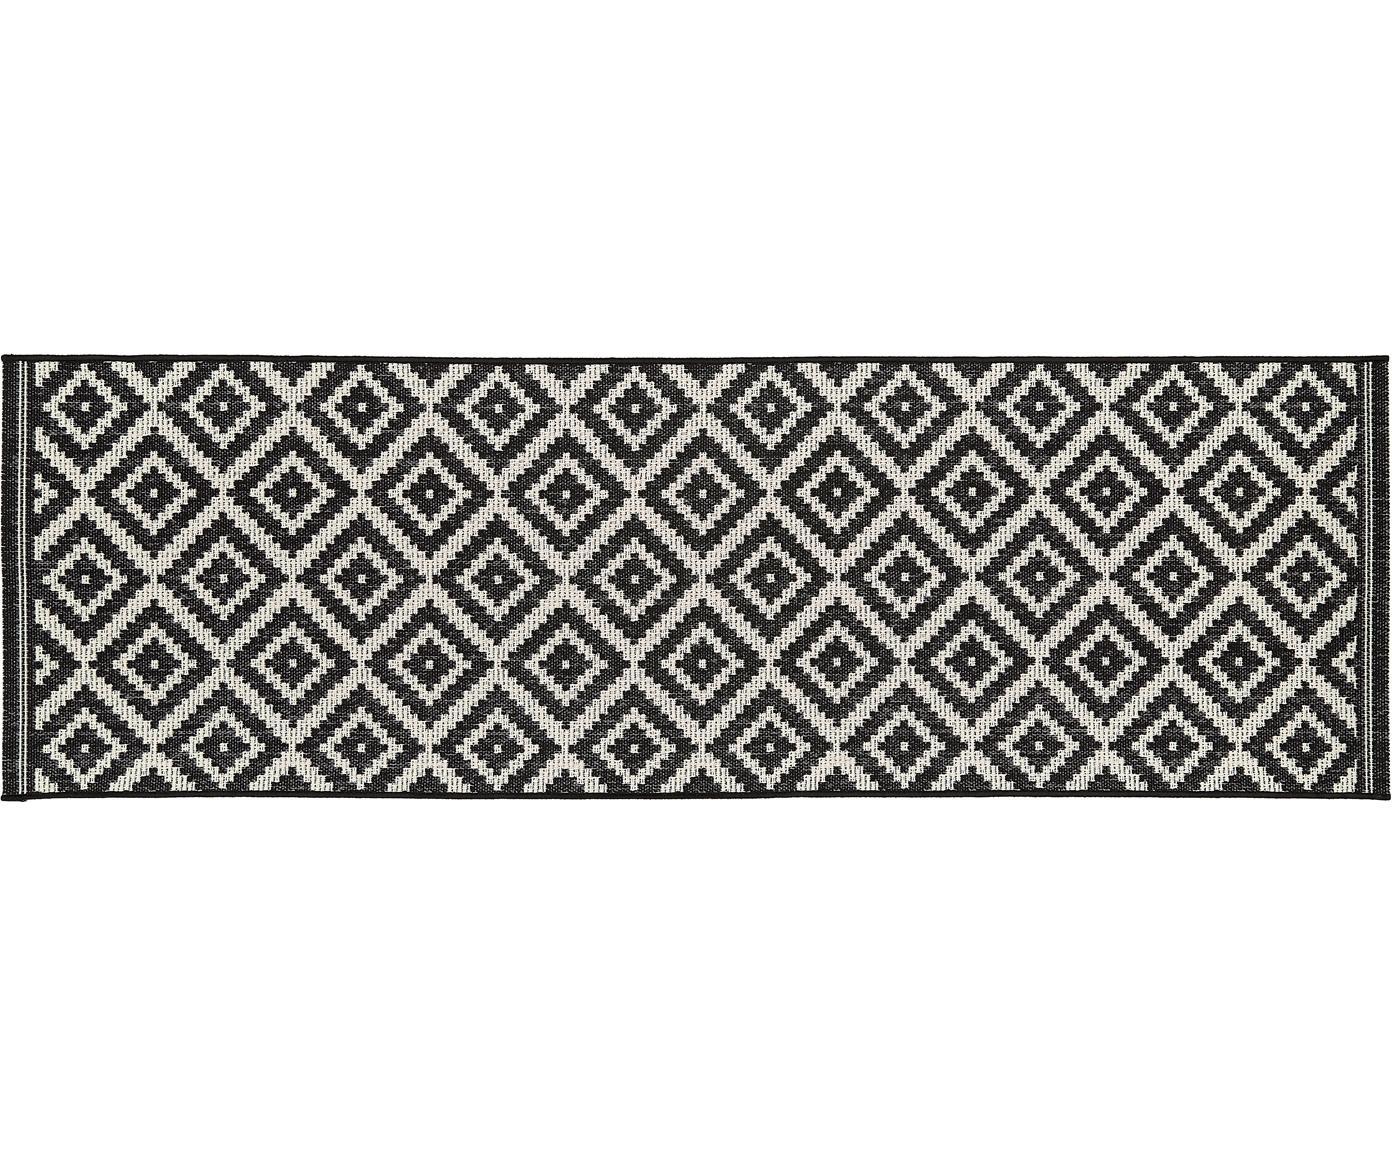 Chodnik wewnętrzny/zewnętrzny Miami, Kremowobiały, czarny, S 80 x D 250 cm